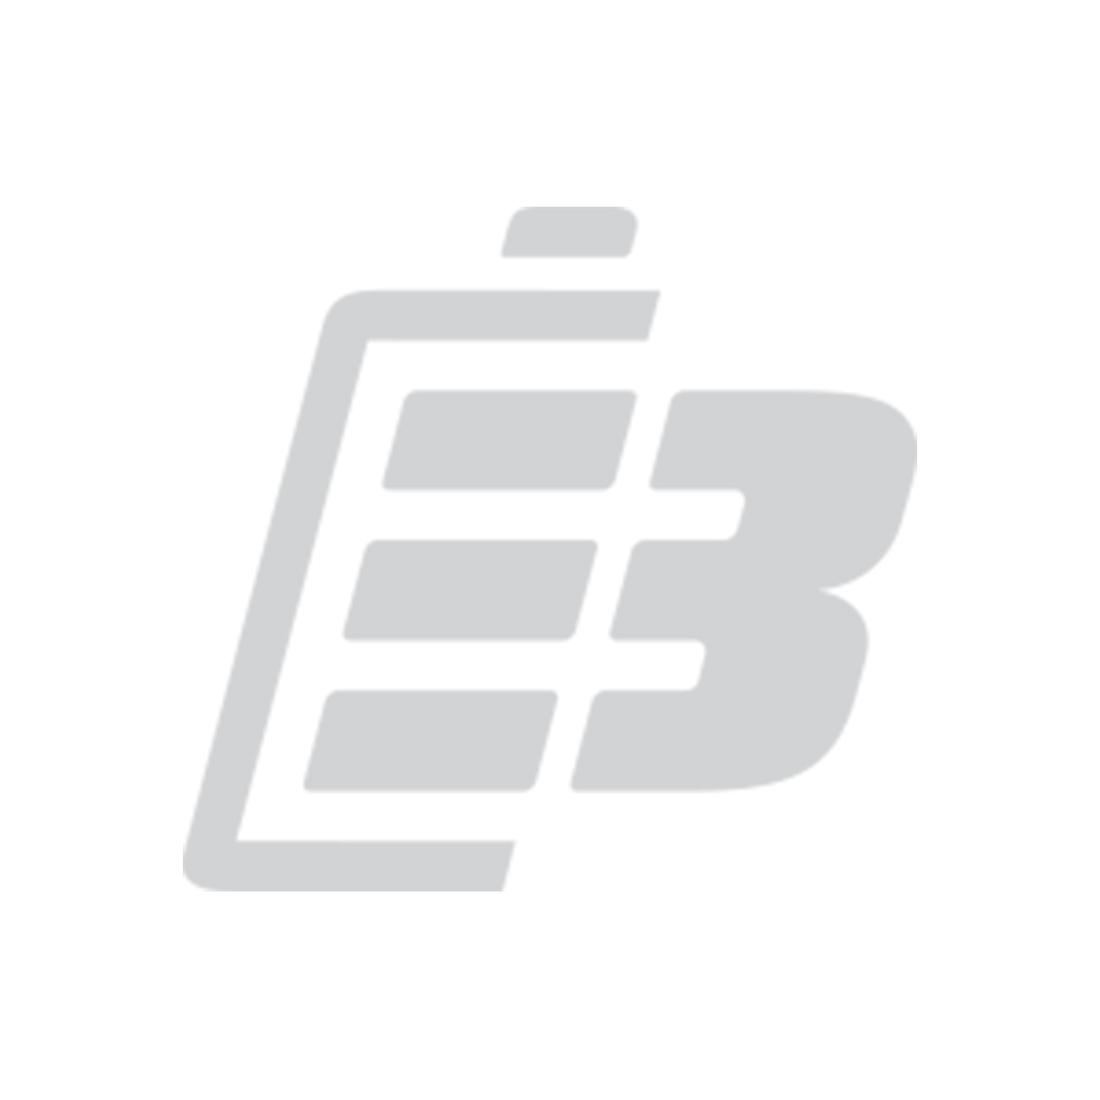 Μπαταρία tablet Samsung Galaxy Tab S 10.5_1